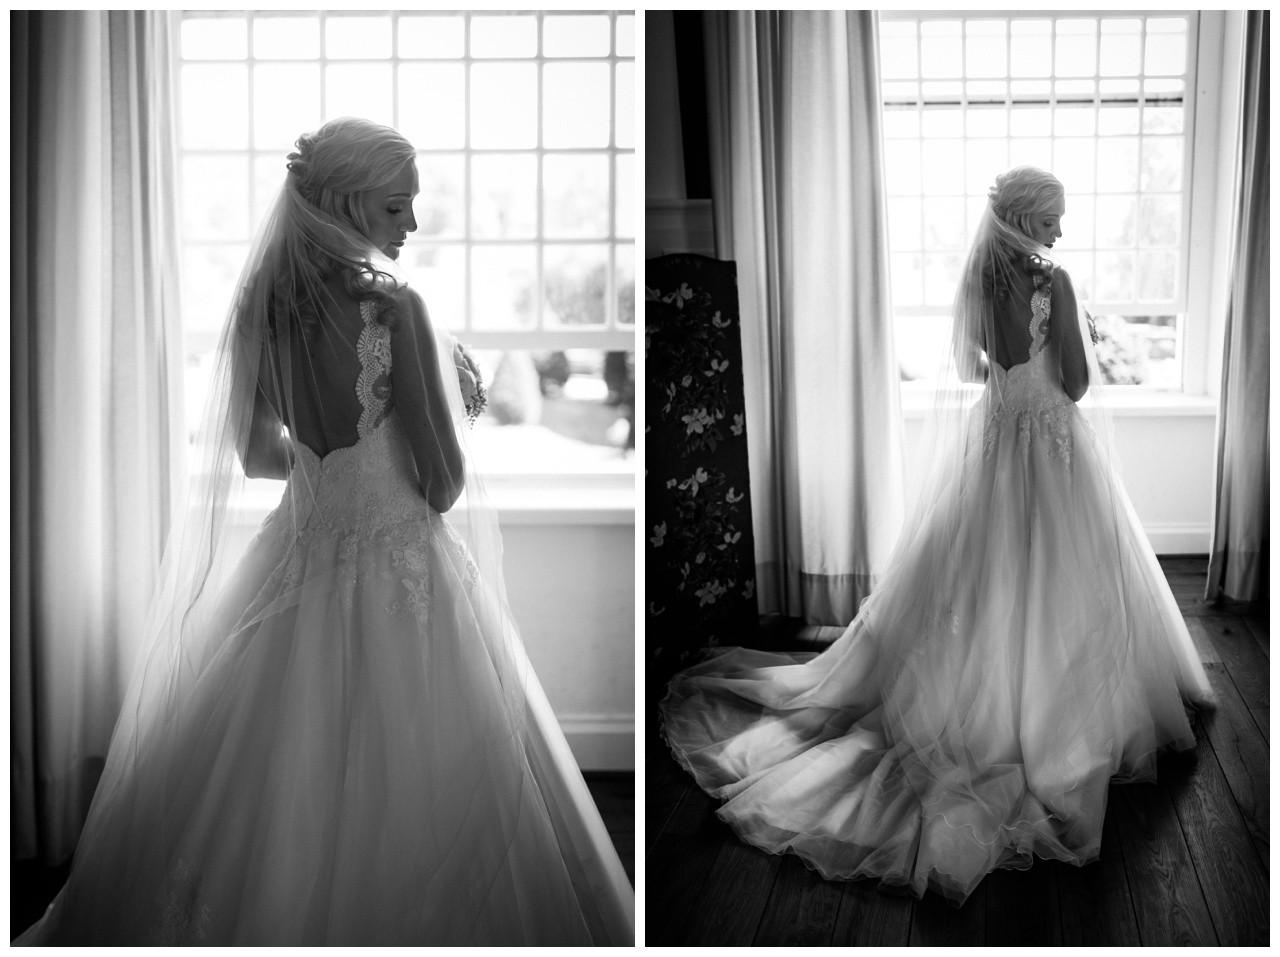 Fotos beim Fertigmachen vor der Hochzeit?